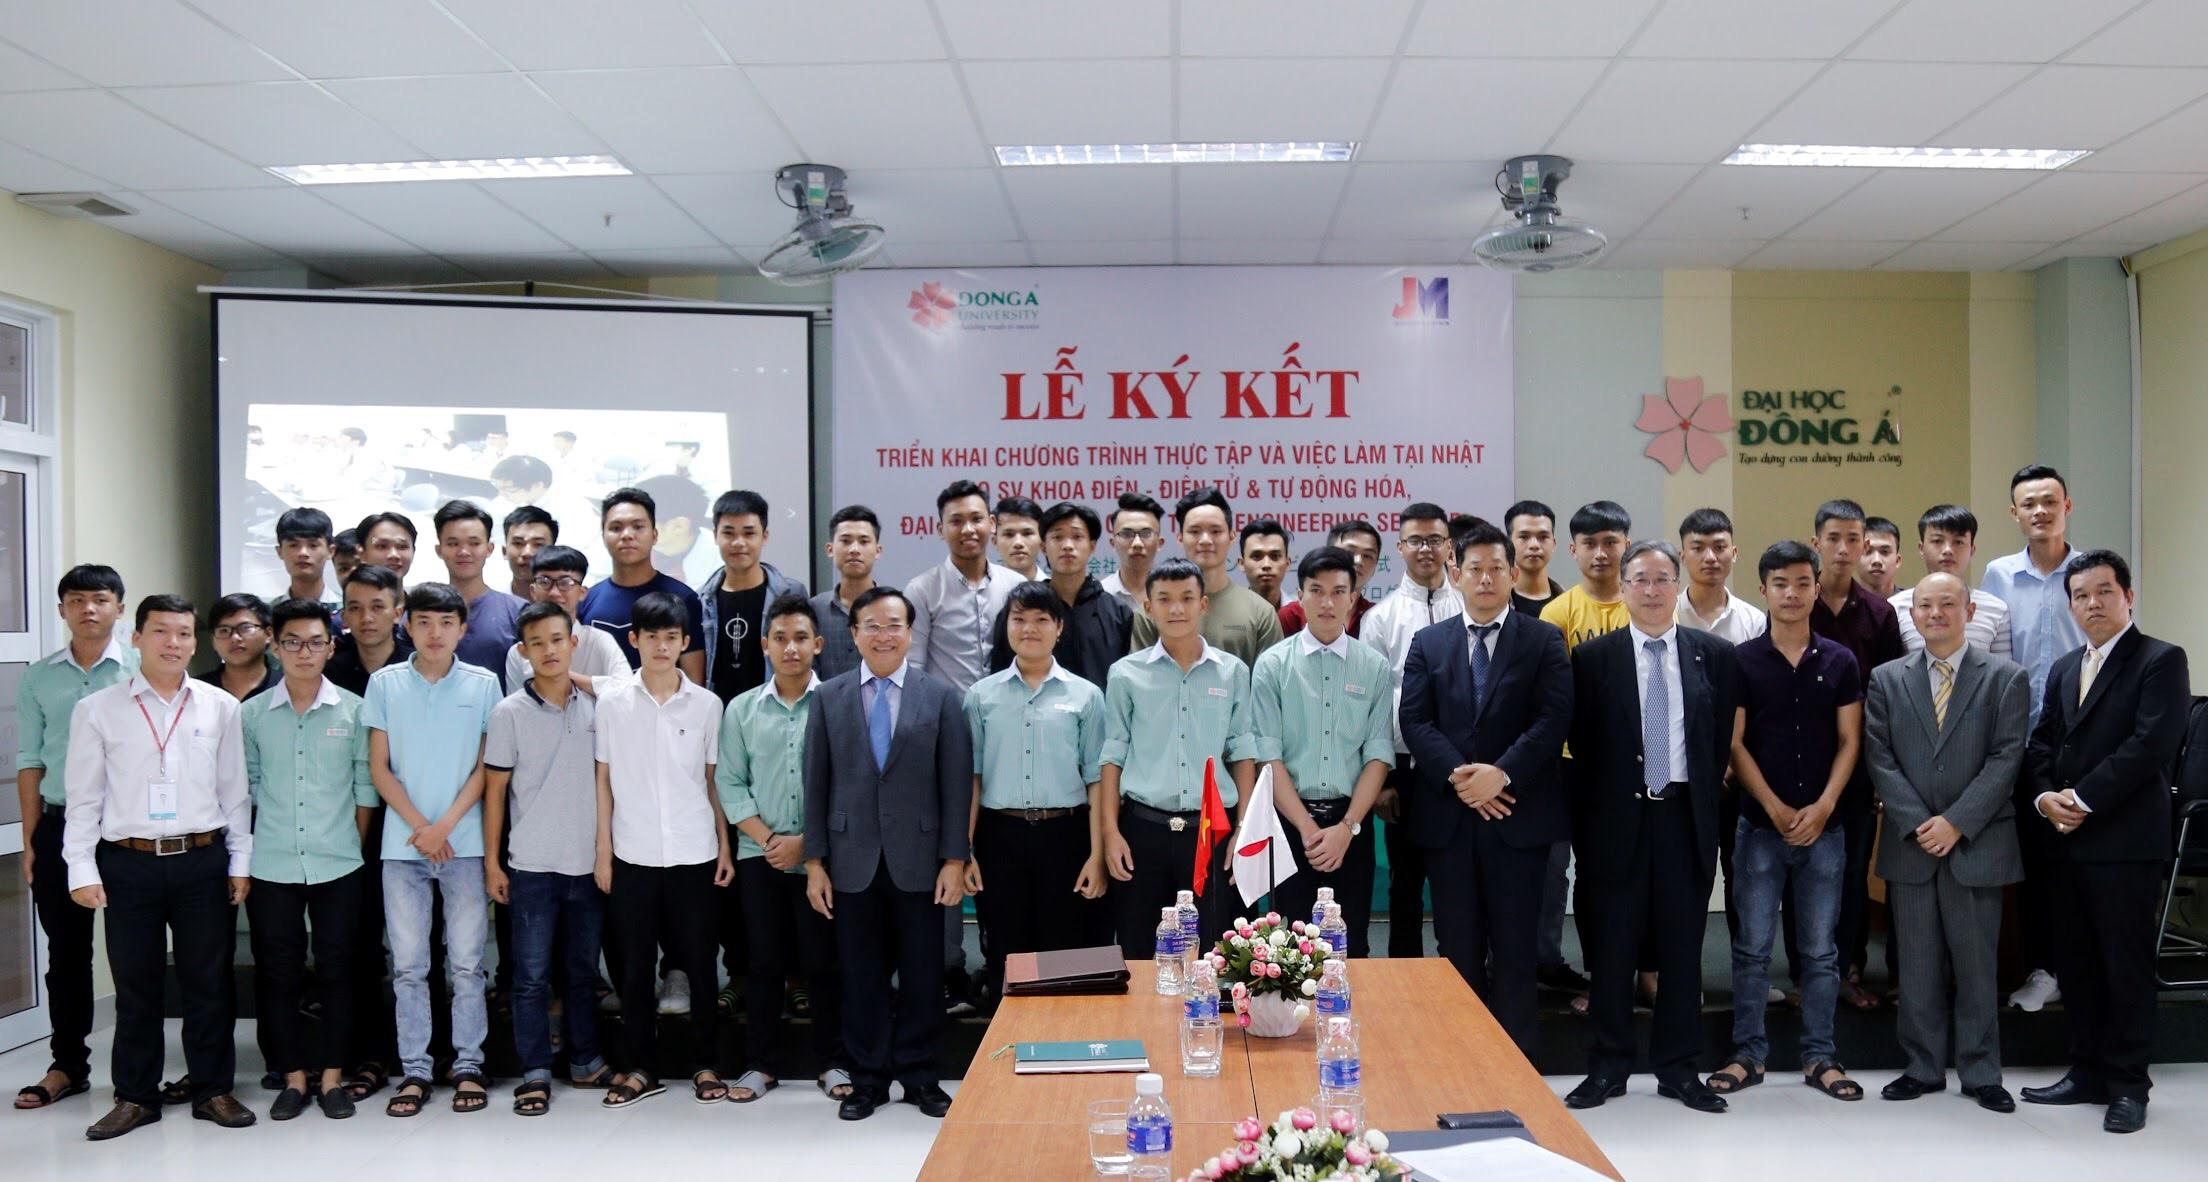 ĐH Đông Á tạo dựng cơ hội cuộc đời cho sinh viên  - Ảnh 1